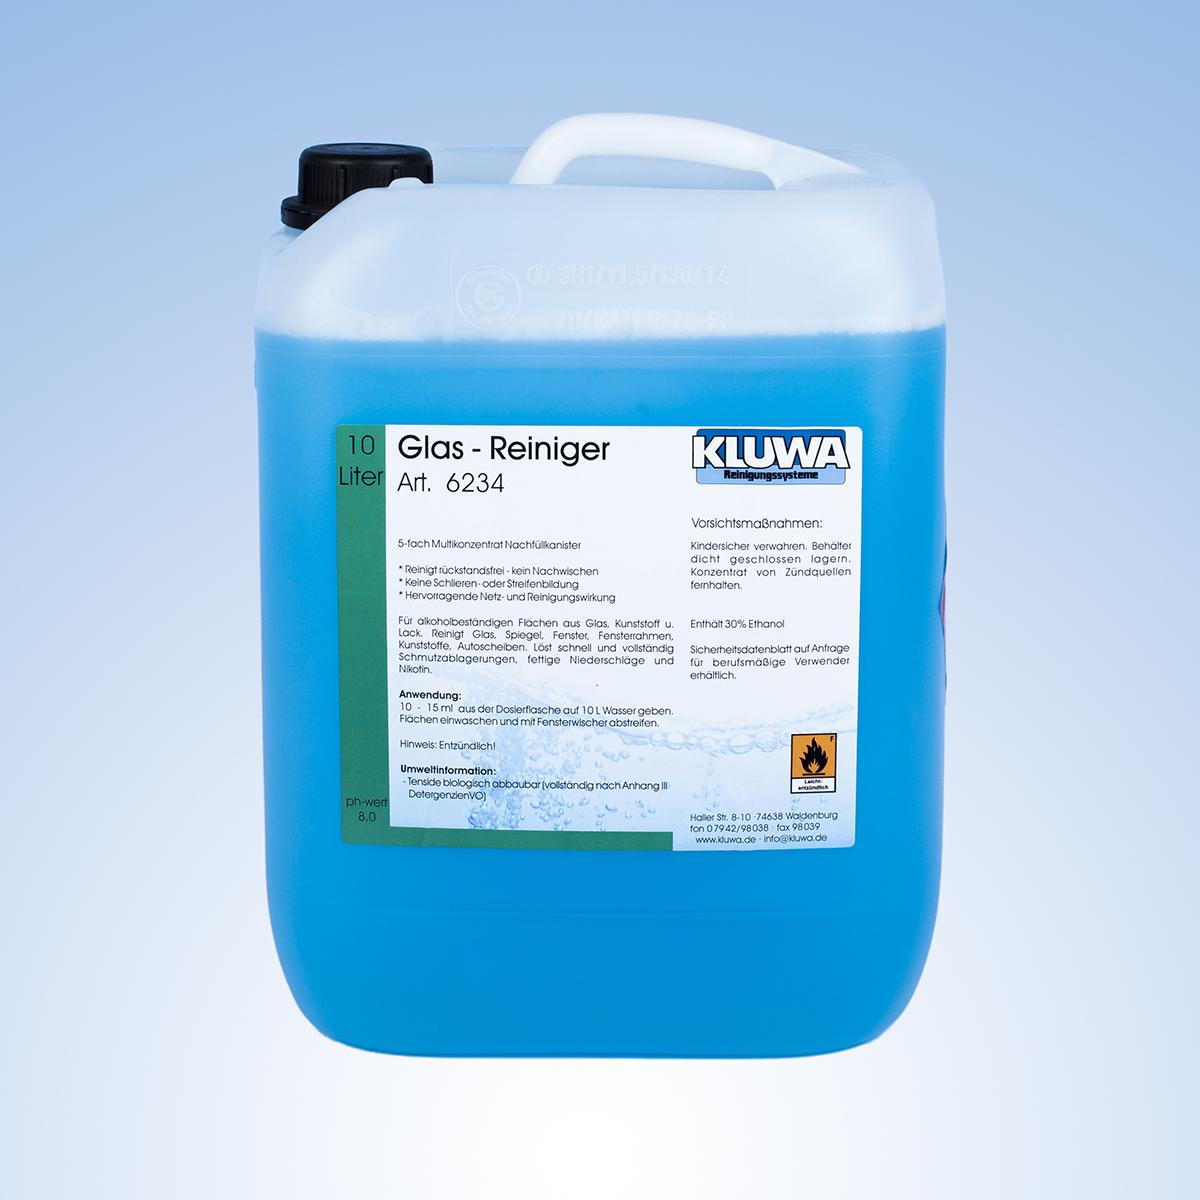 Glas- Reiniger Hochkonzentrat – KLUWA Reinigungssysteme KG